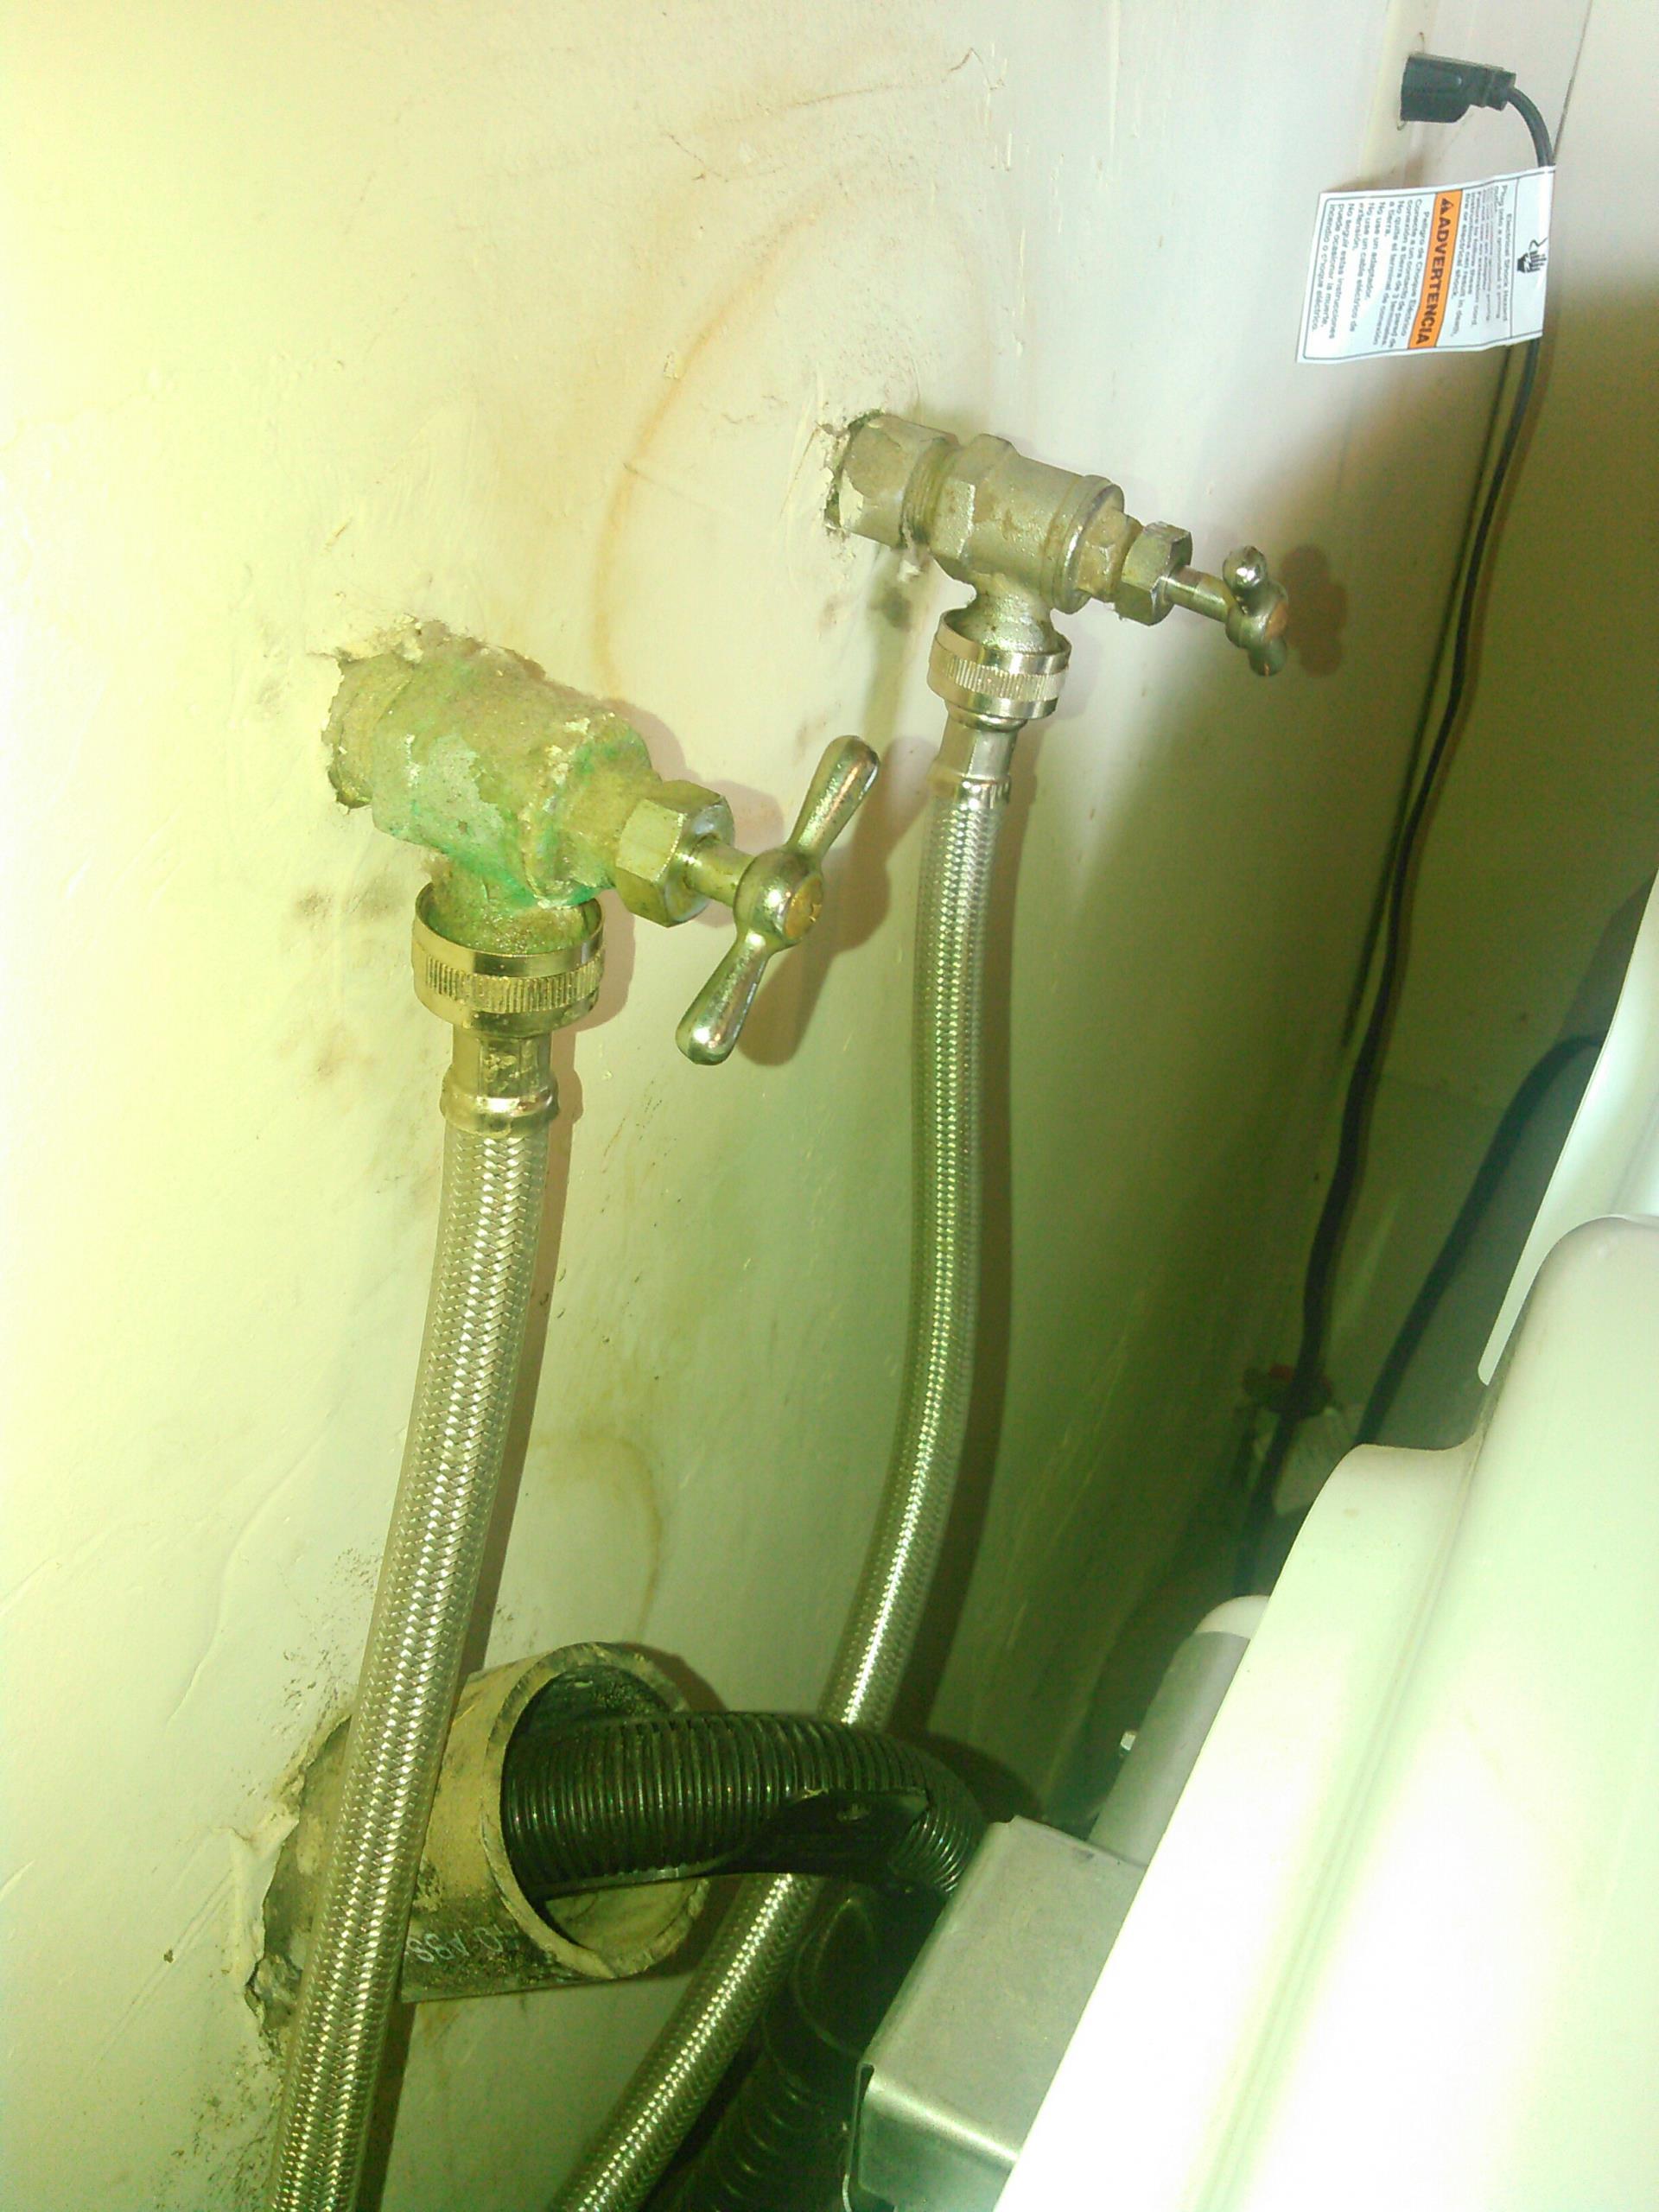 Washing machine hoses installed Correctly